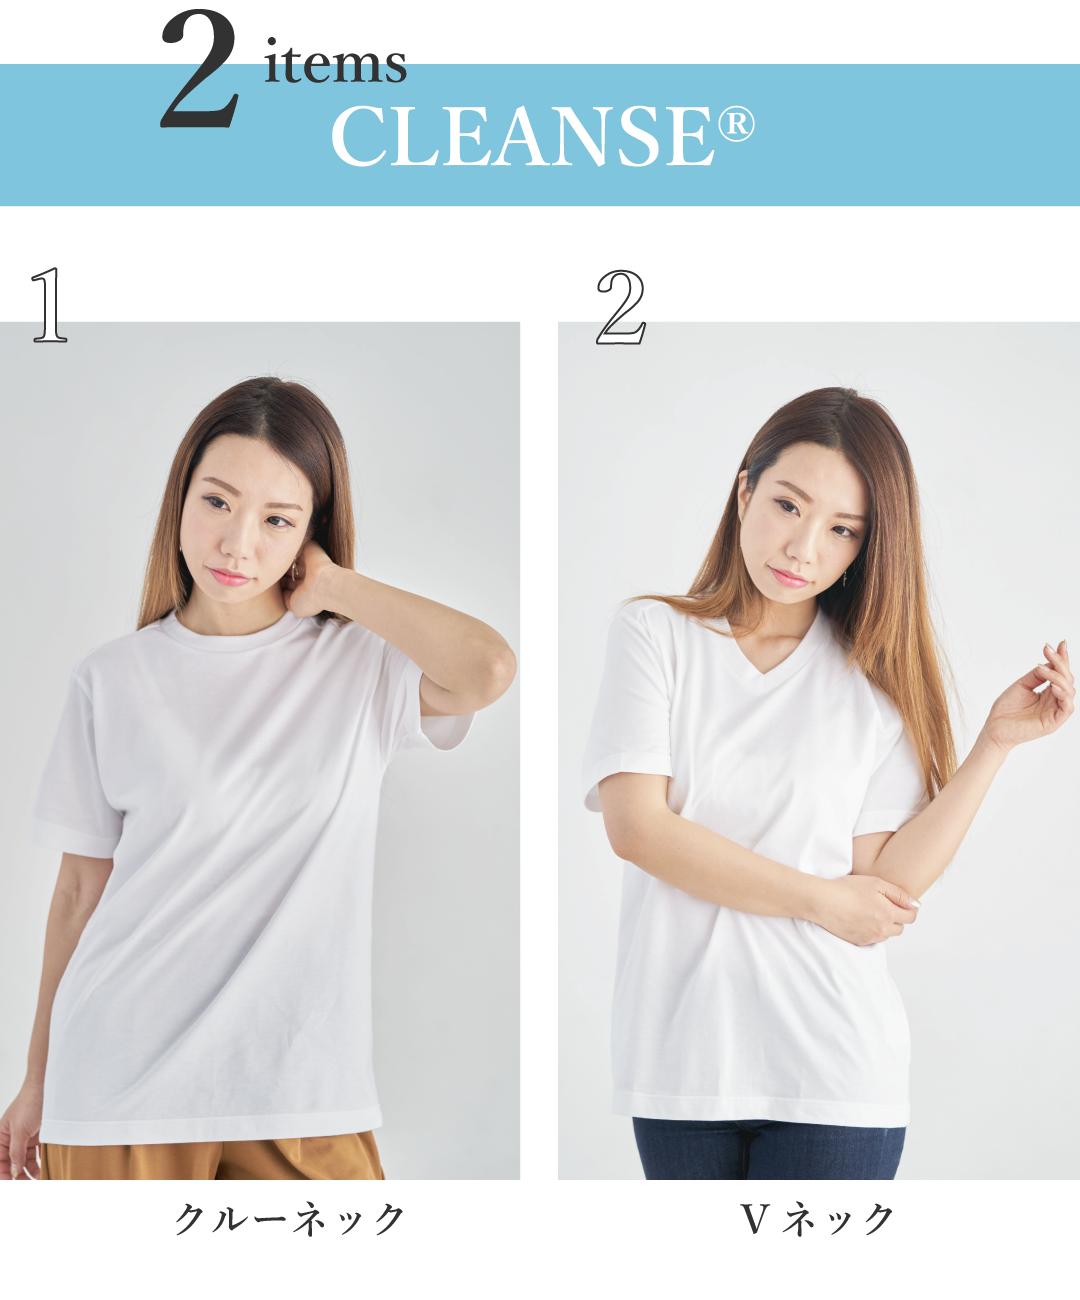 CLEANSE クレンゼ 抗ウイルス 白T Tシャツ レディース